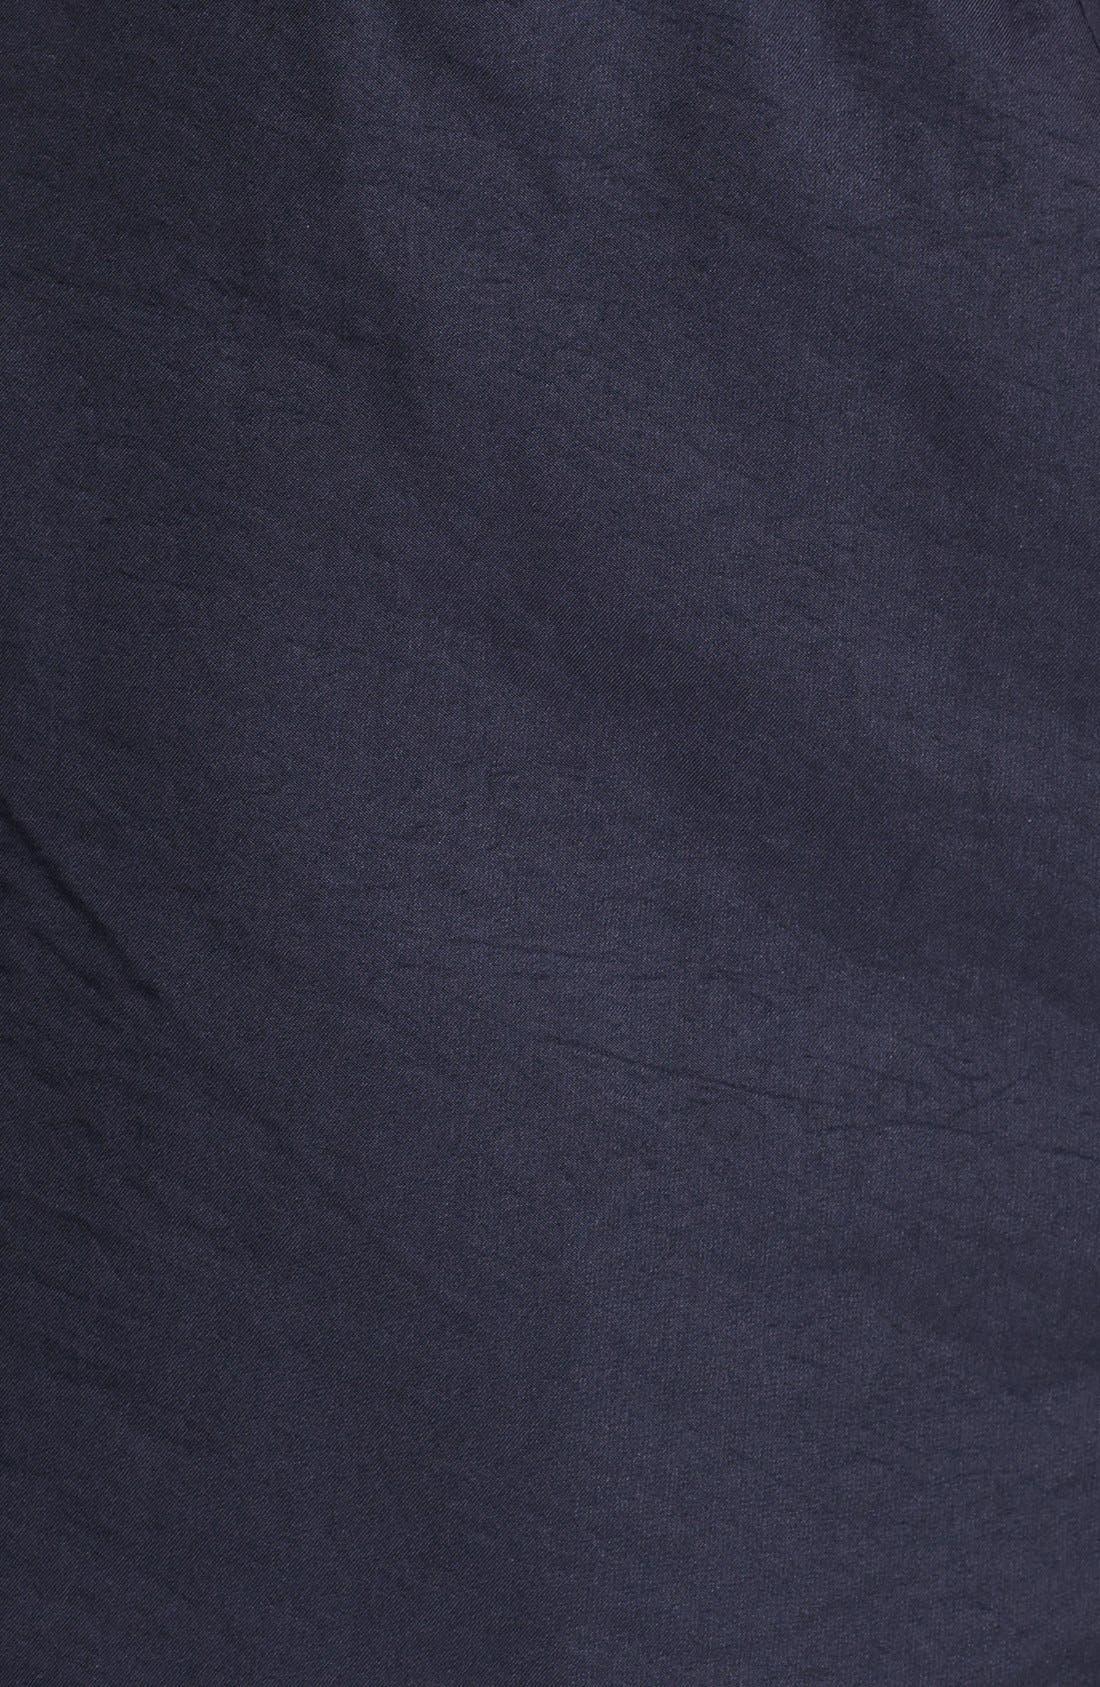 Alternate Image 3  - BOSS HUGO BOSS 'Innovation Killfish' Swim Trunks